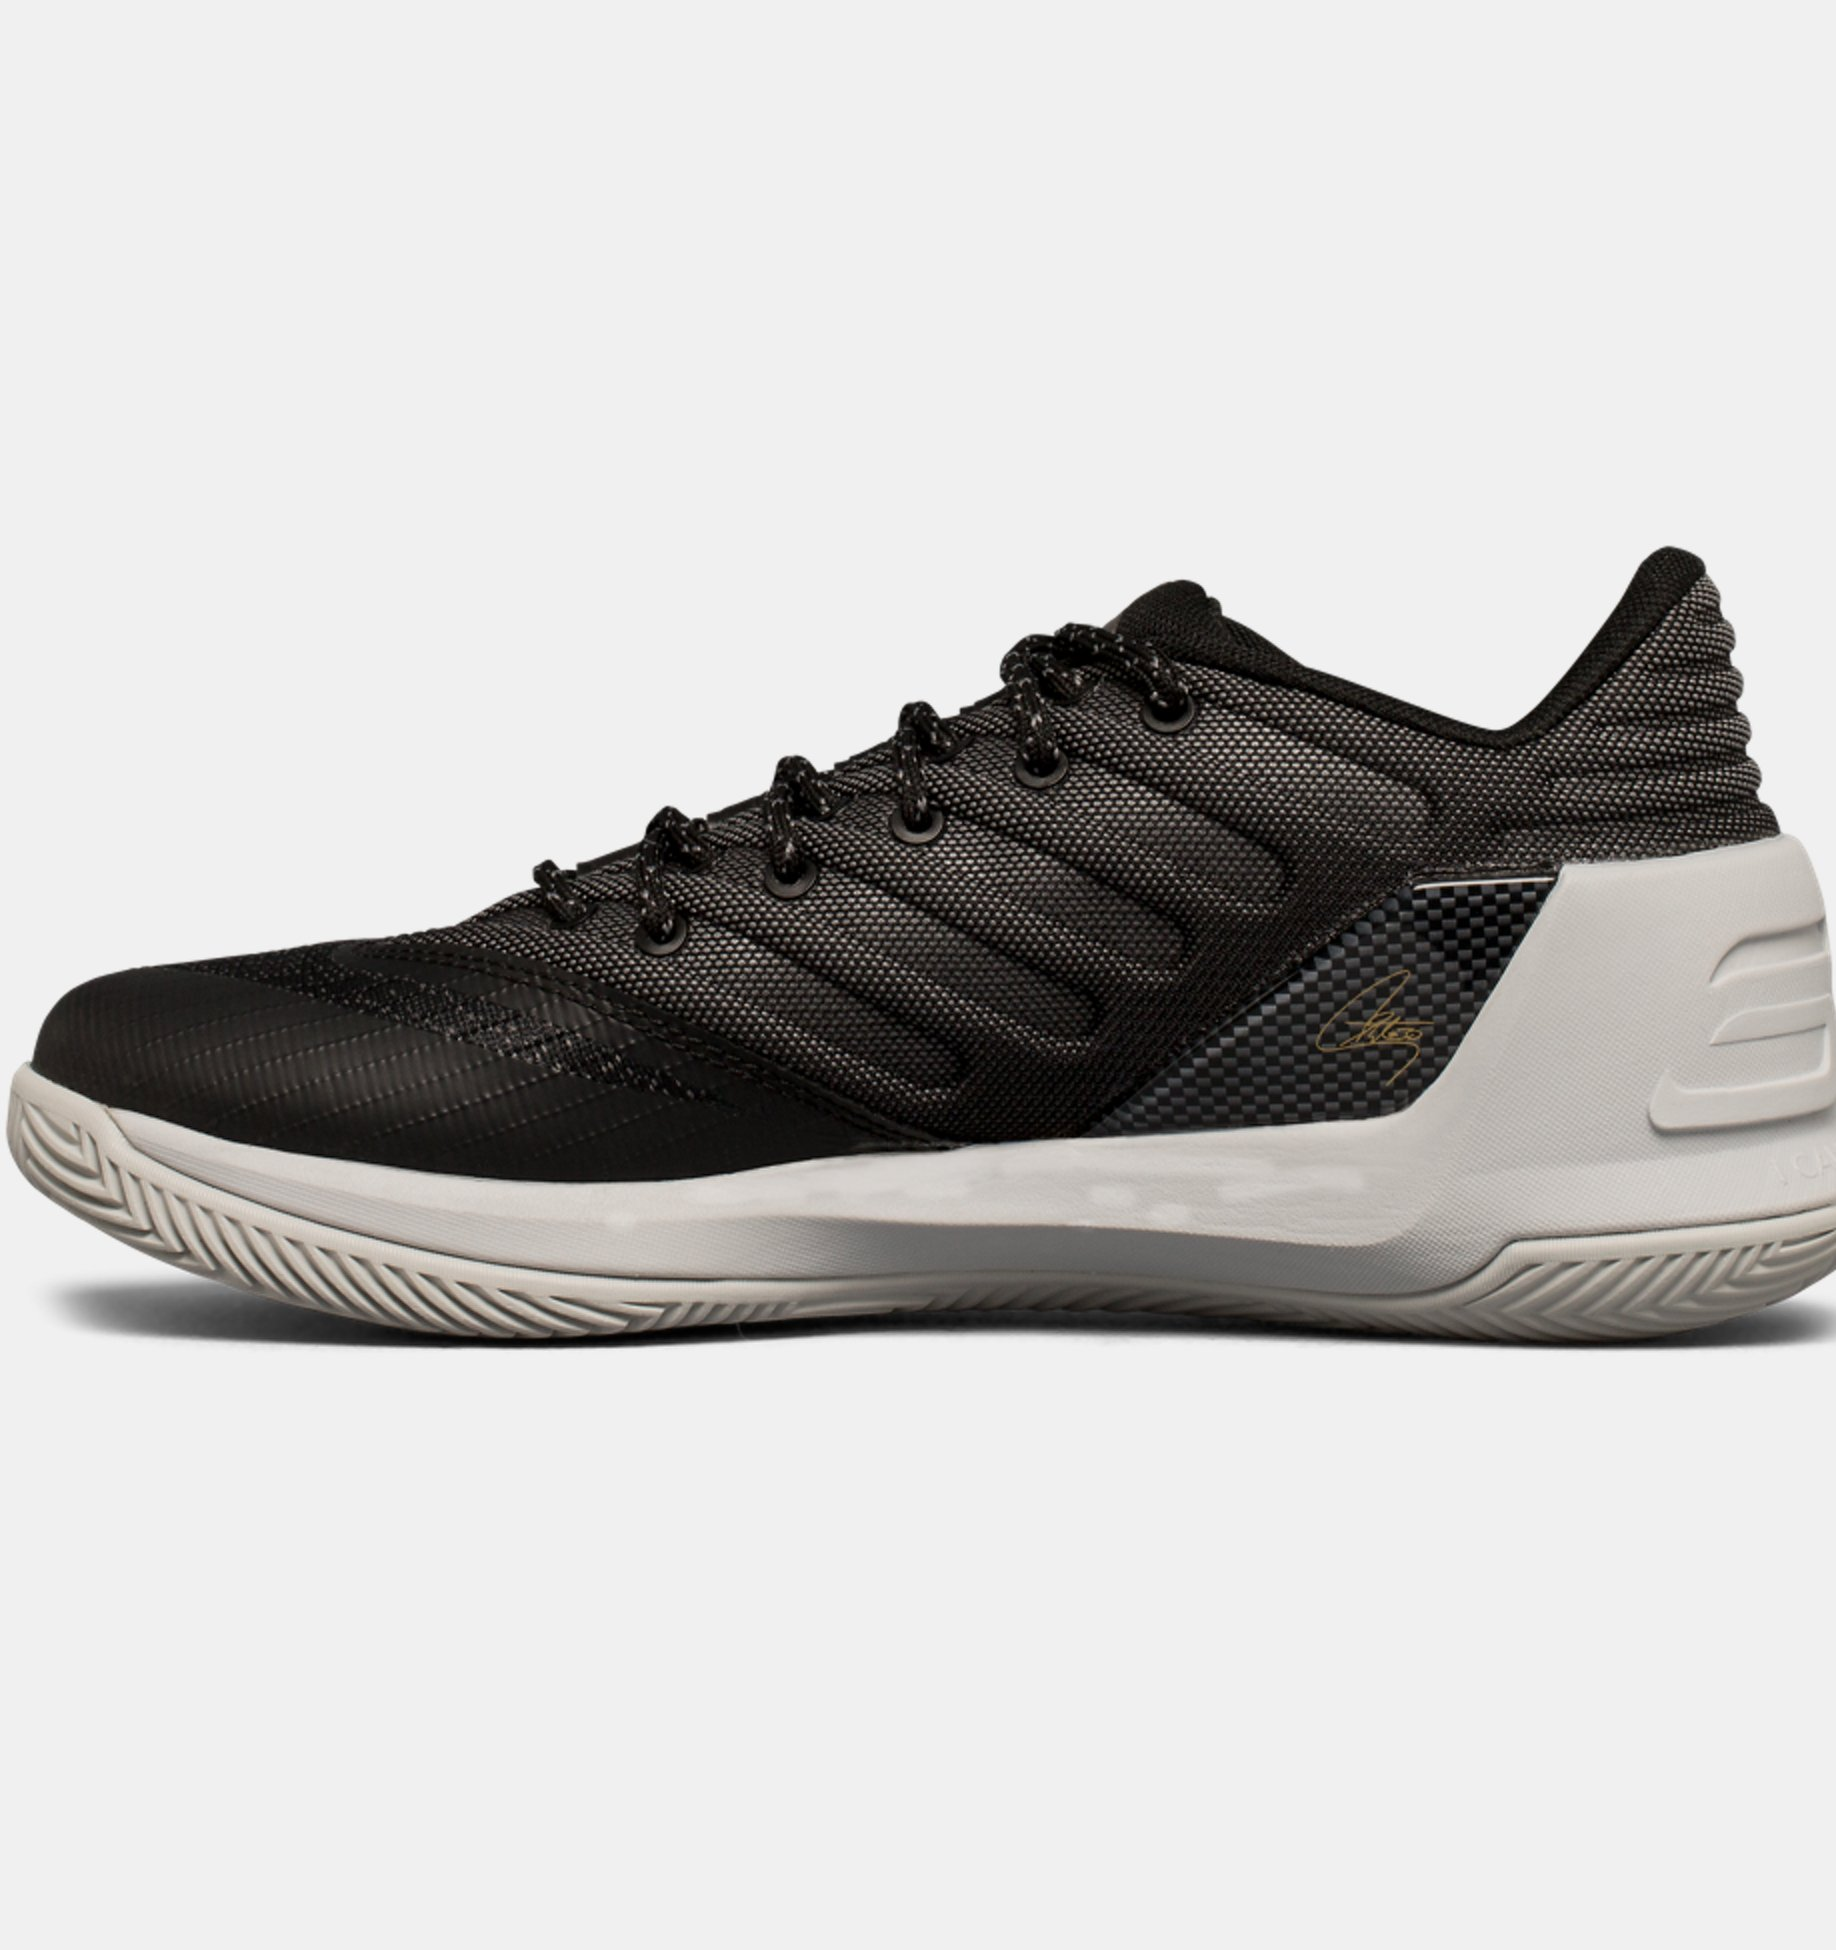 dcf867e9bc4f ... Boys  Grade School UA Curry 3 Low Basketball Shoes ...